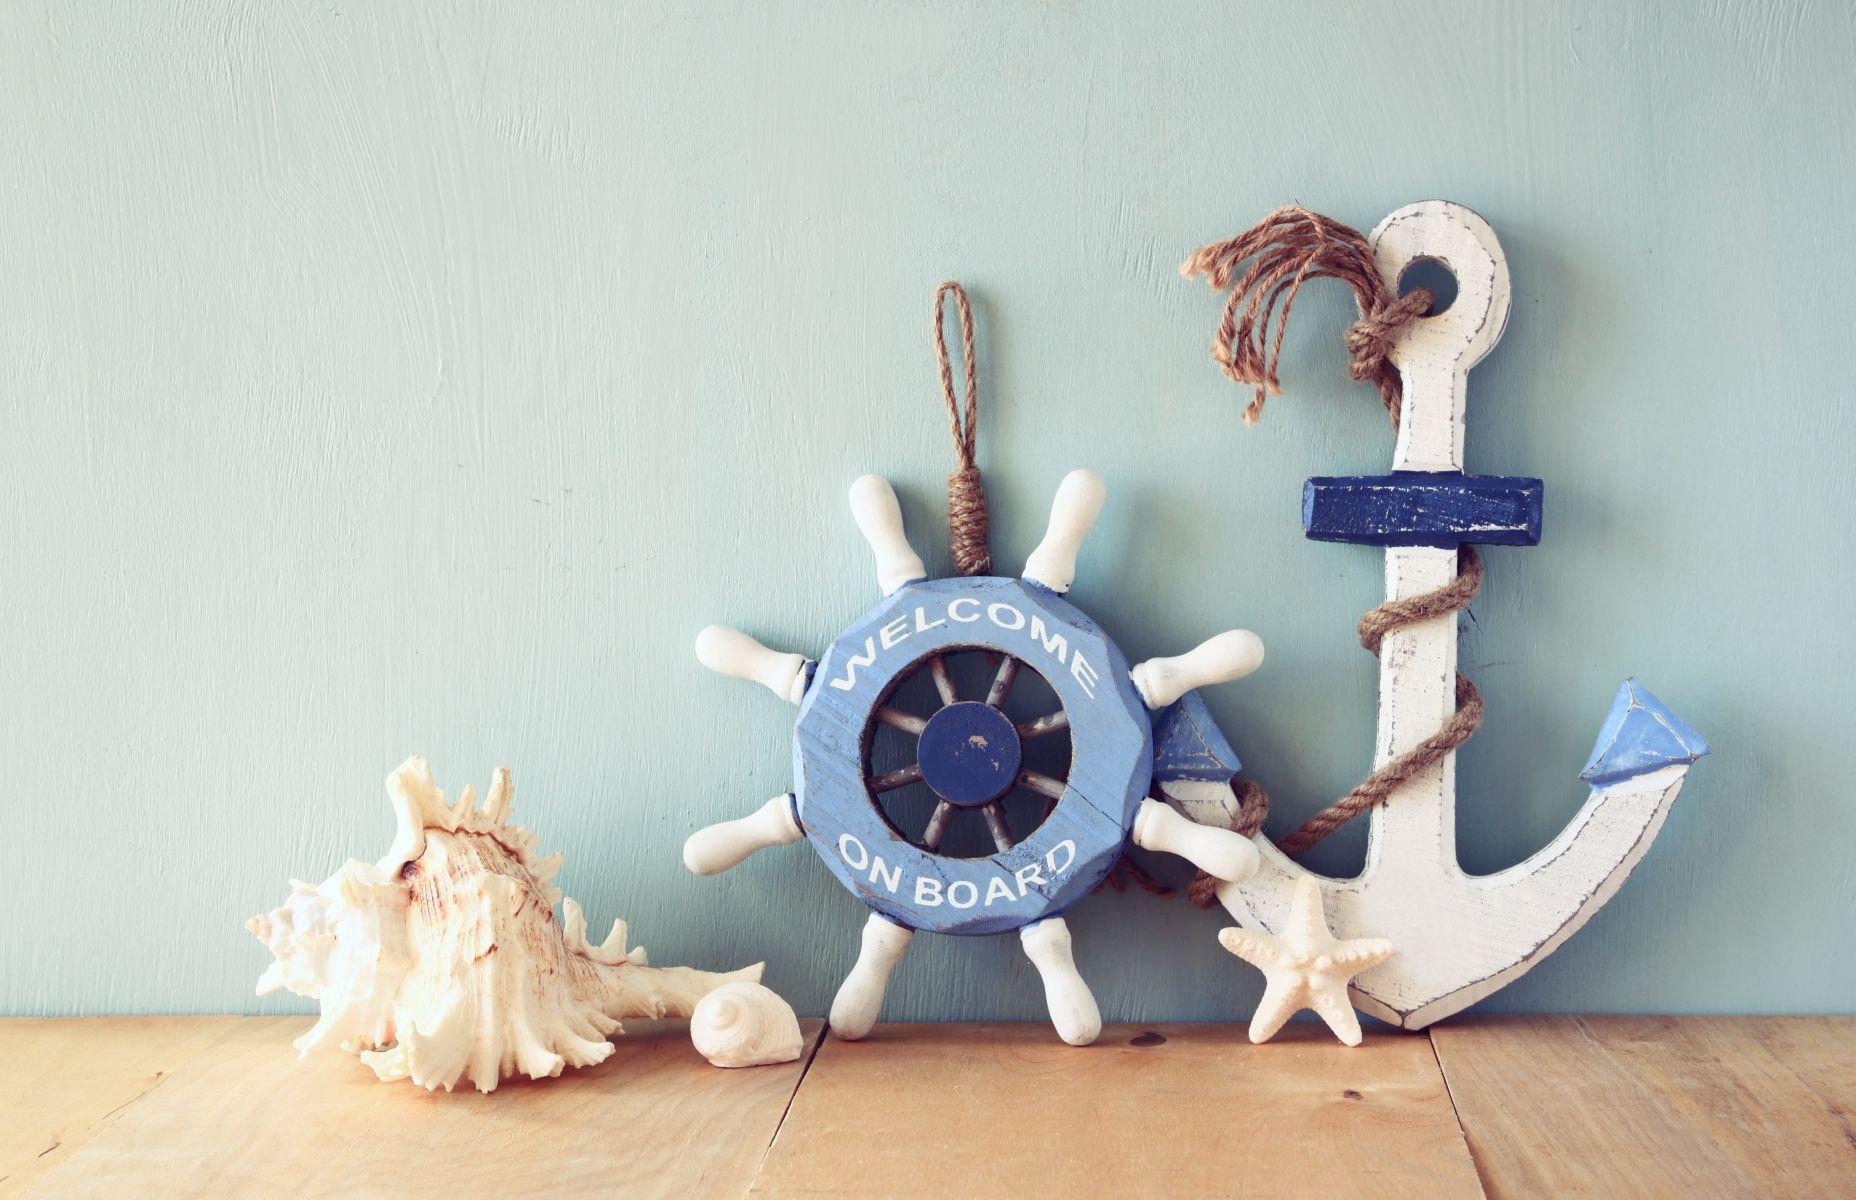 vente de décoration intérieure marine - - idées déco pas cher